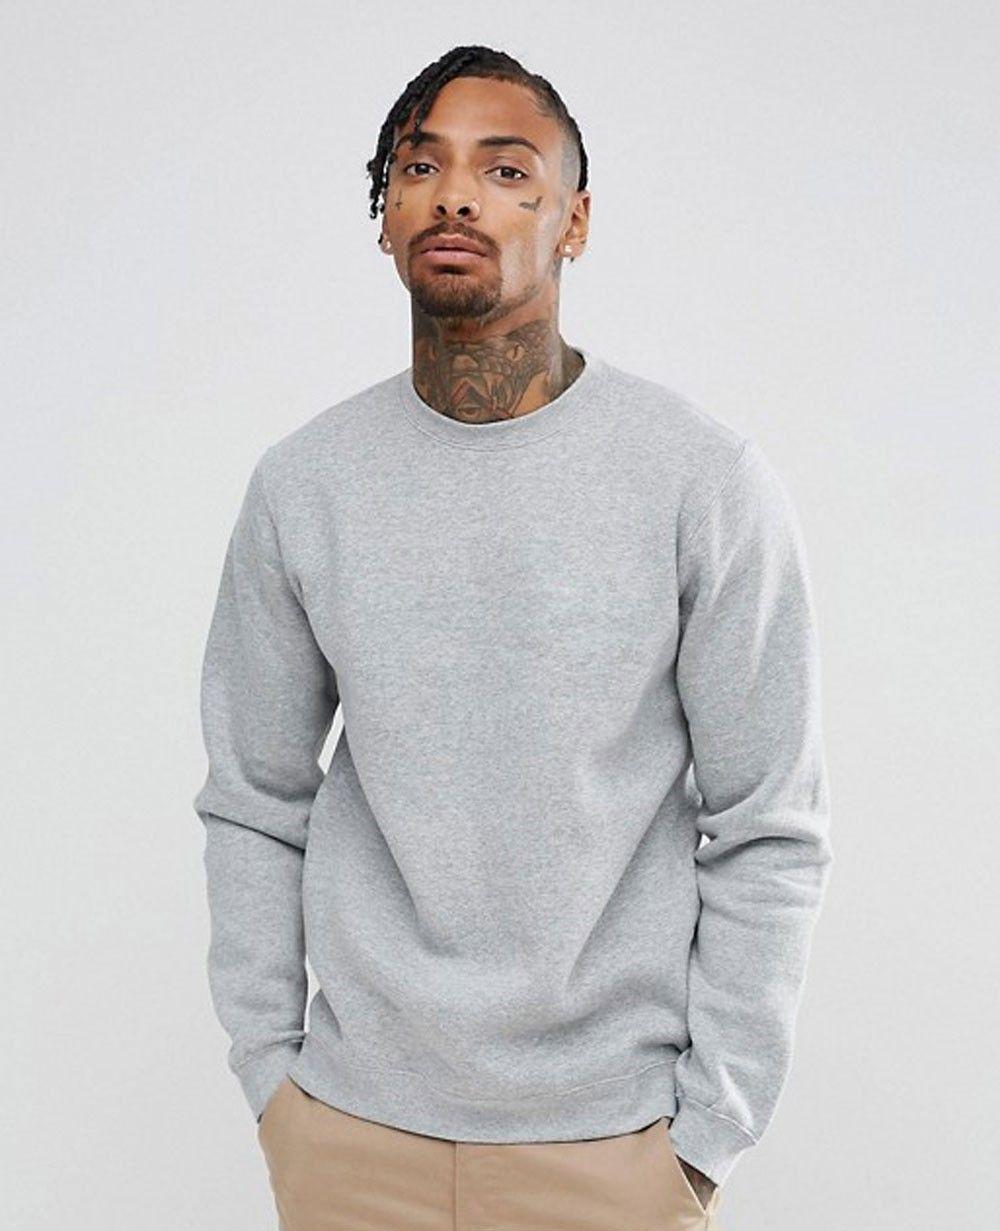 Pin On Men Crewneck Sweatshirts [ 1231 x 1000 Pixel ]